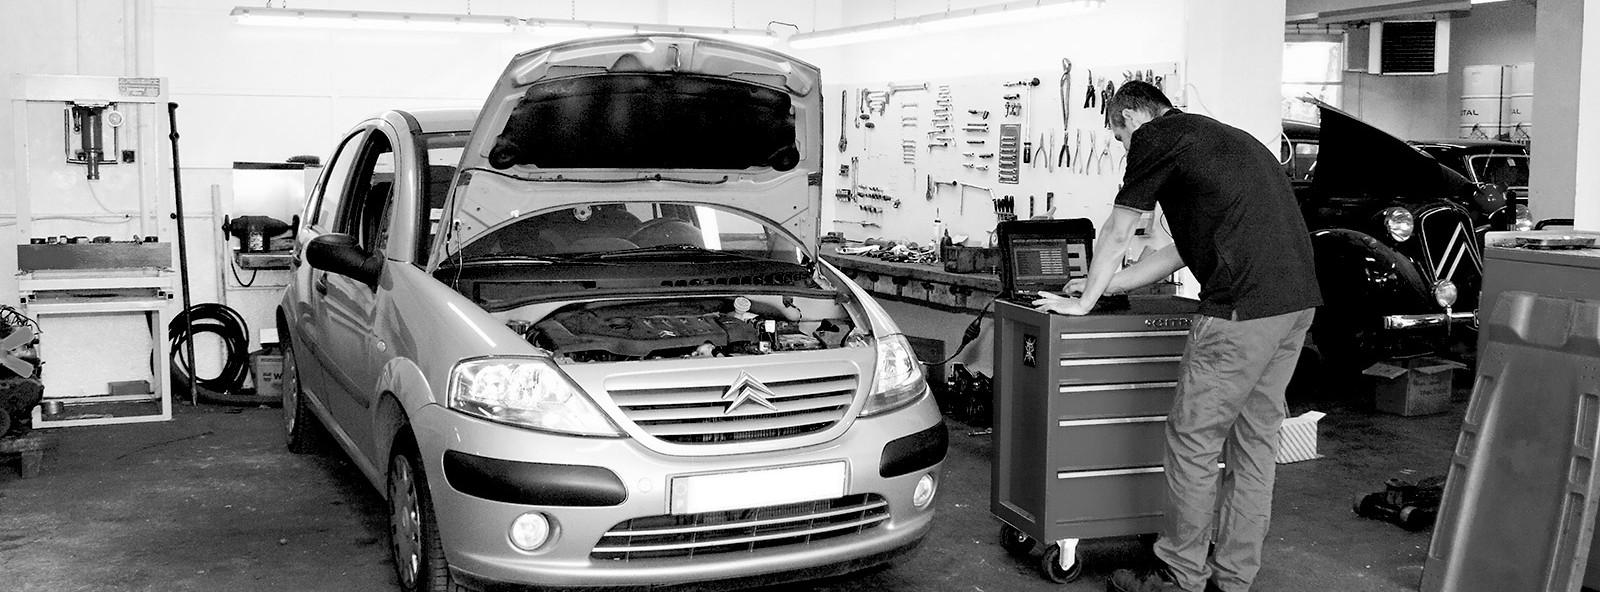 Entretien et réparation de votre véhicule Citroën